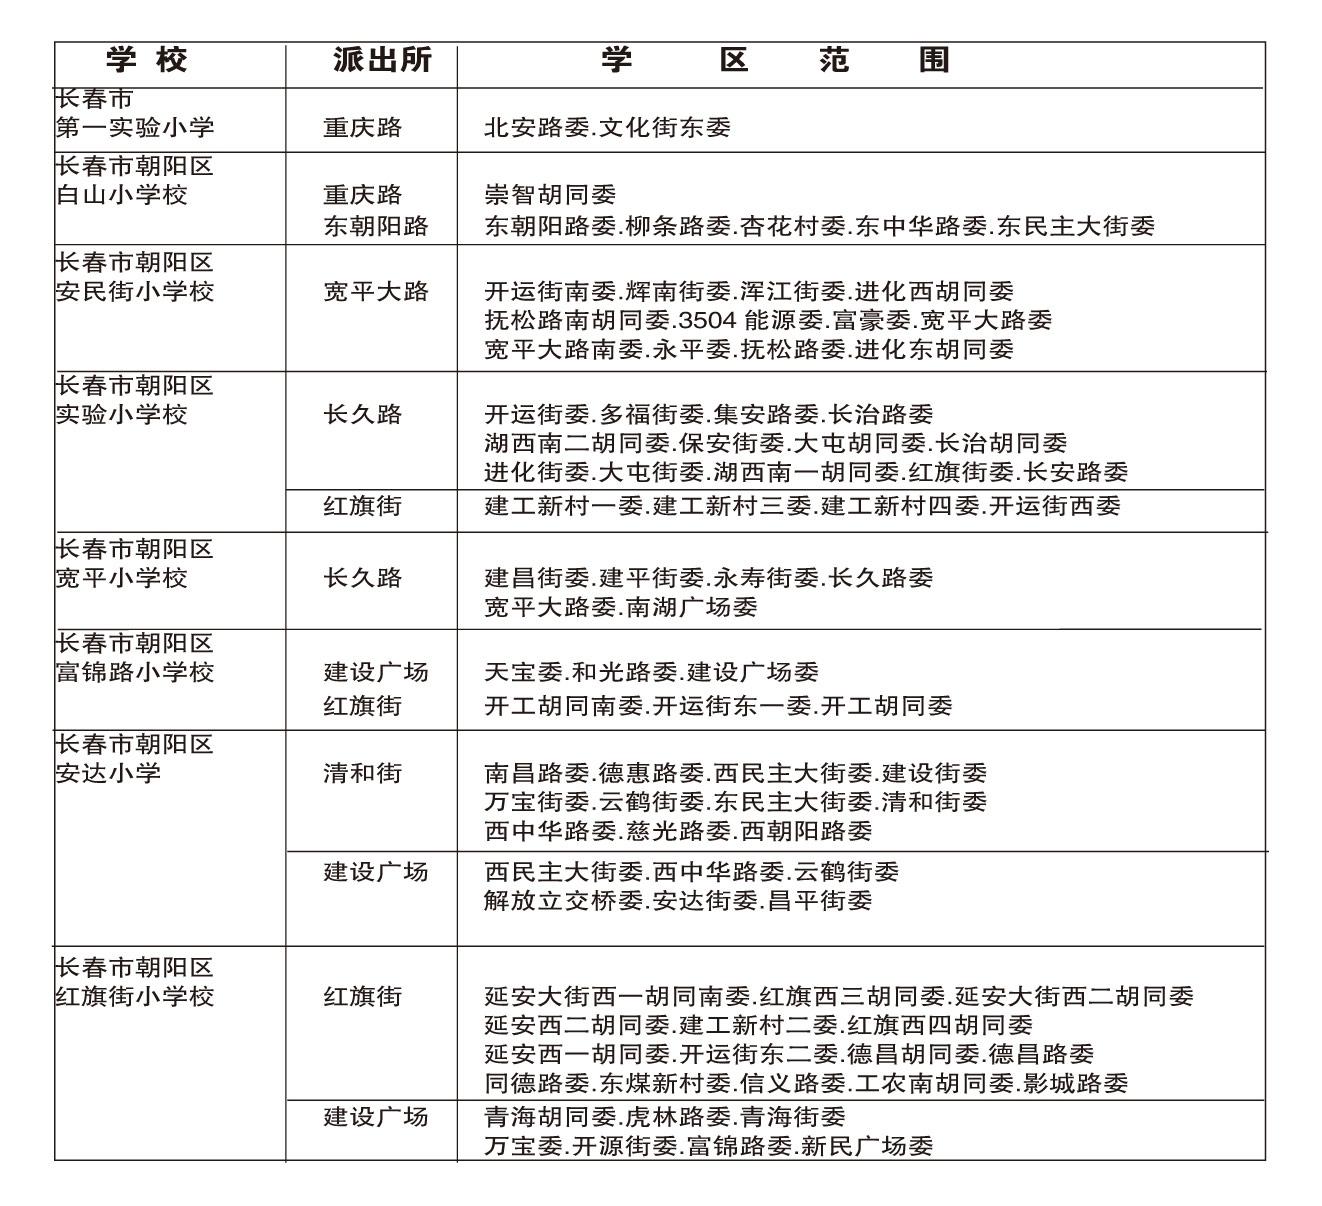 2015年朝阳区v学区学区中学划分方案_2015长民办小学宝安图片